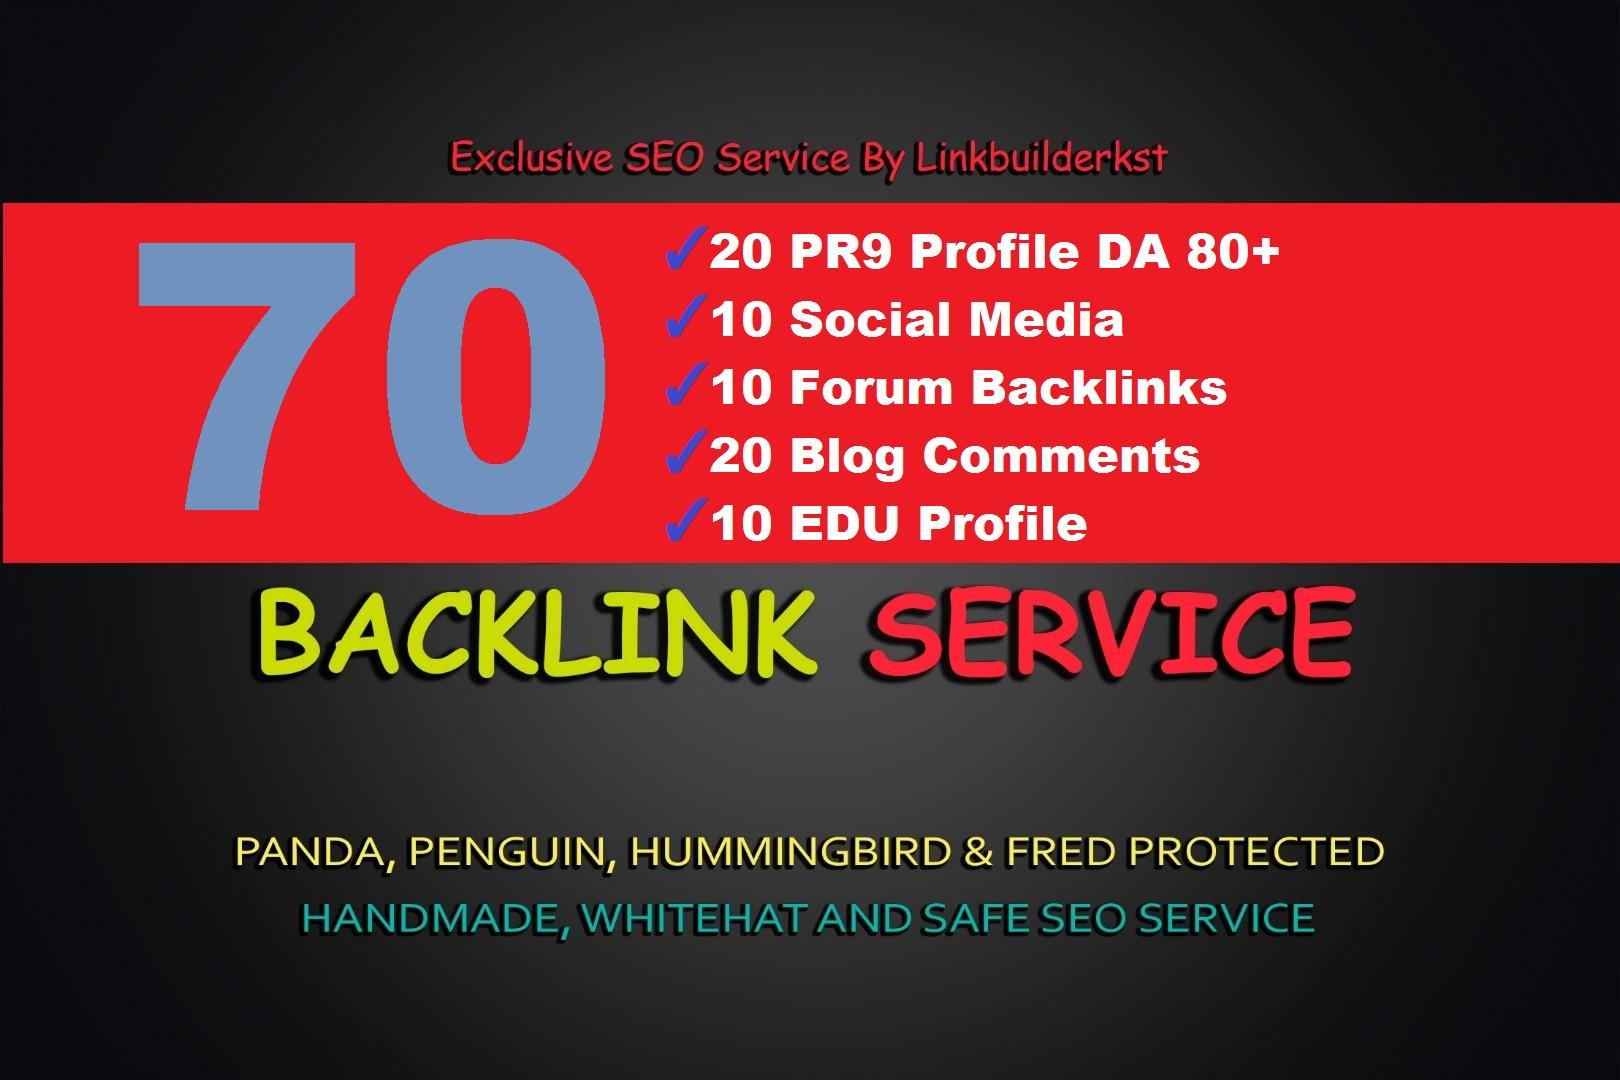 5 Step 75 SEO Backlinks PR9, EDU, Forum, Social Media Links for Boost GOOGLE Ranking